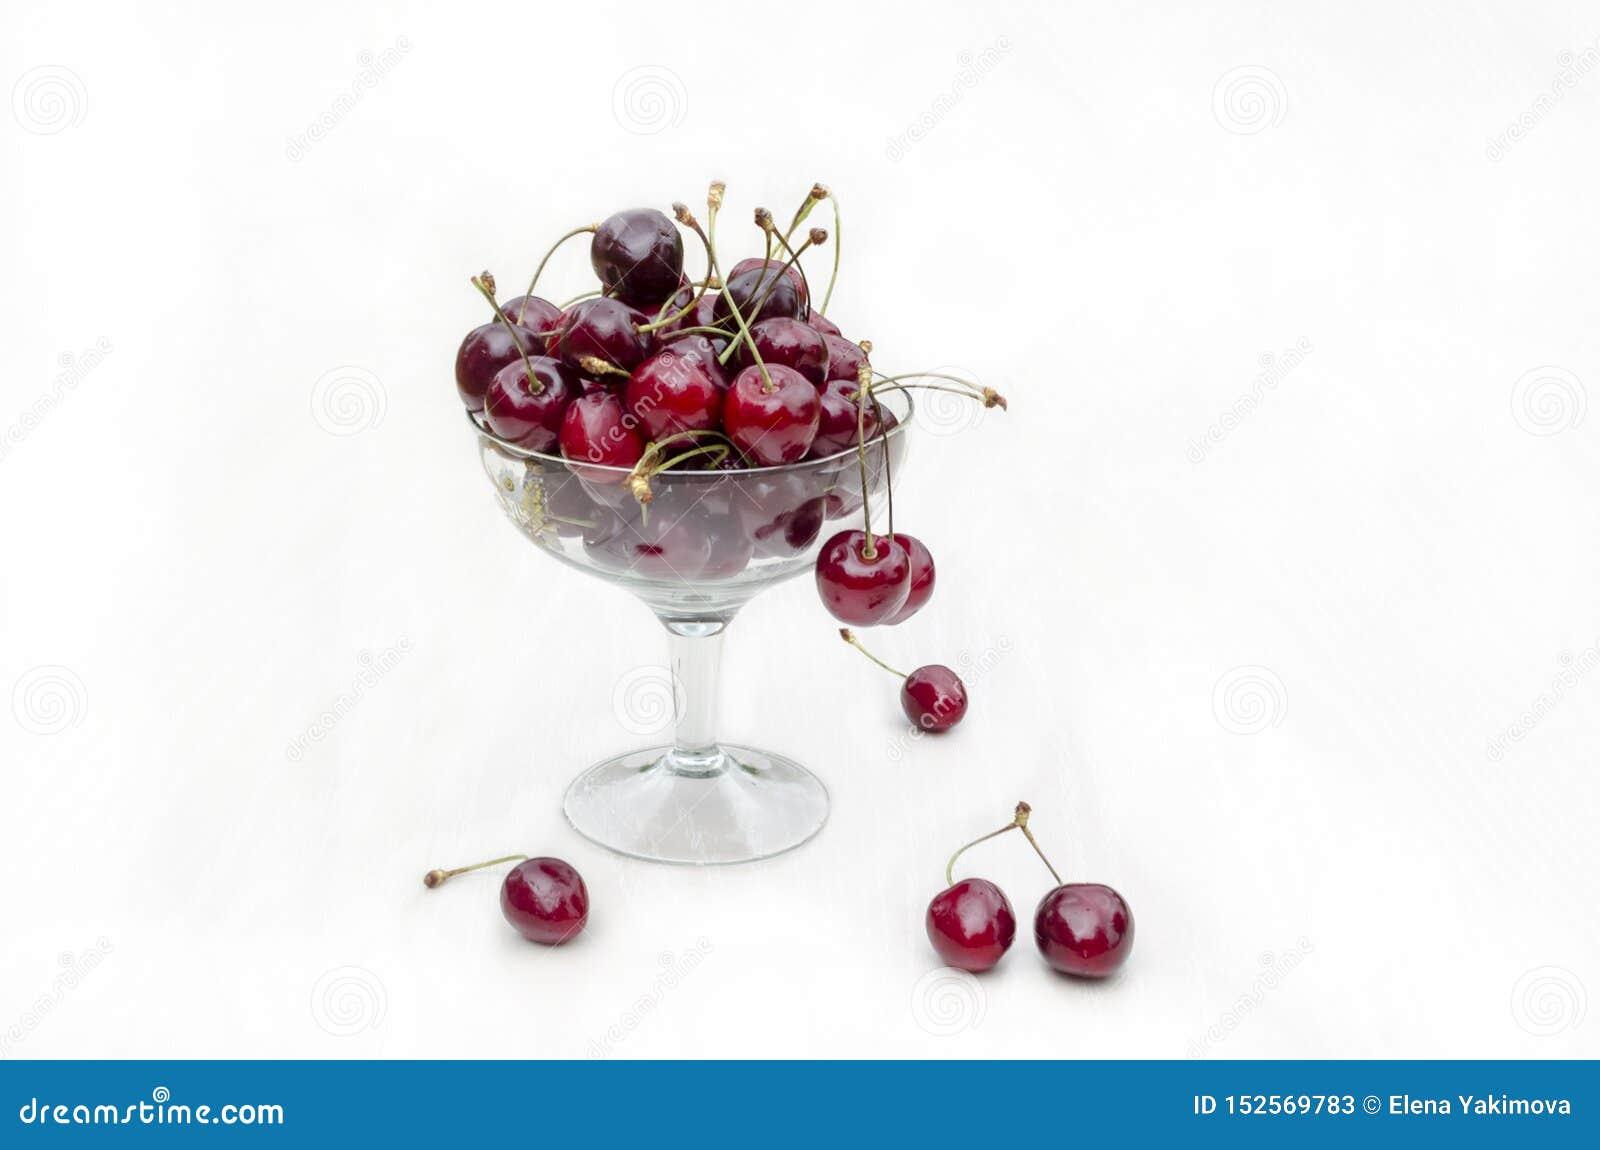 Φρέσκο ώριμο γλυκό κεράσι σε ένα πιάτο γυαλιού κεράσια κεράσι στο κύπελλο στο άσπρο υπόβαθρο